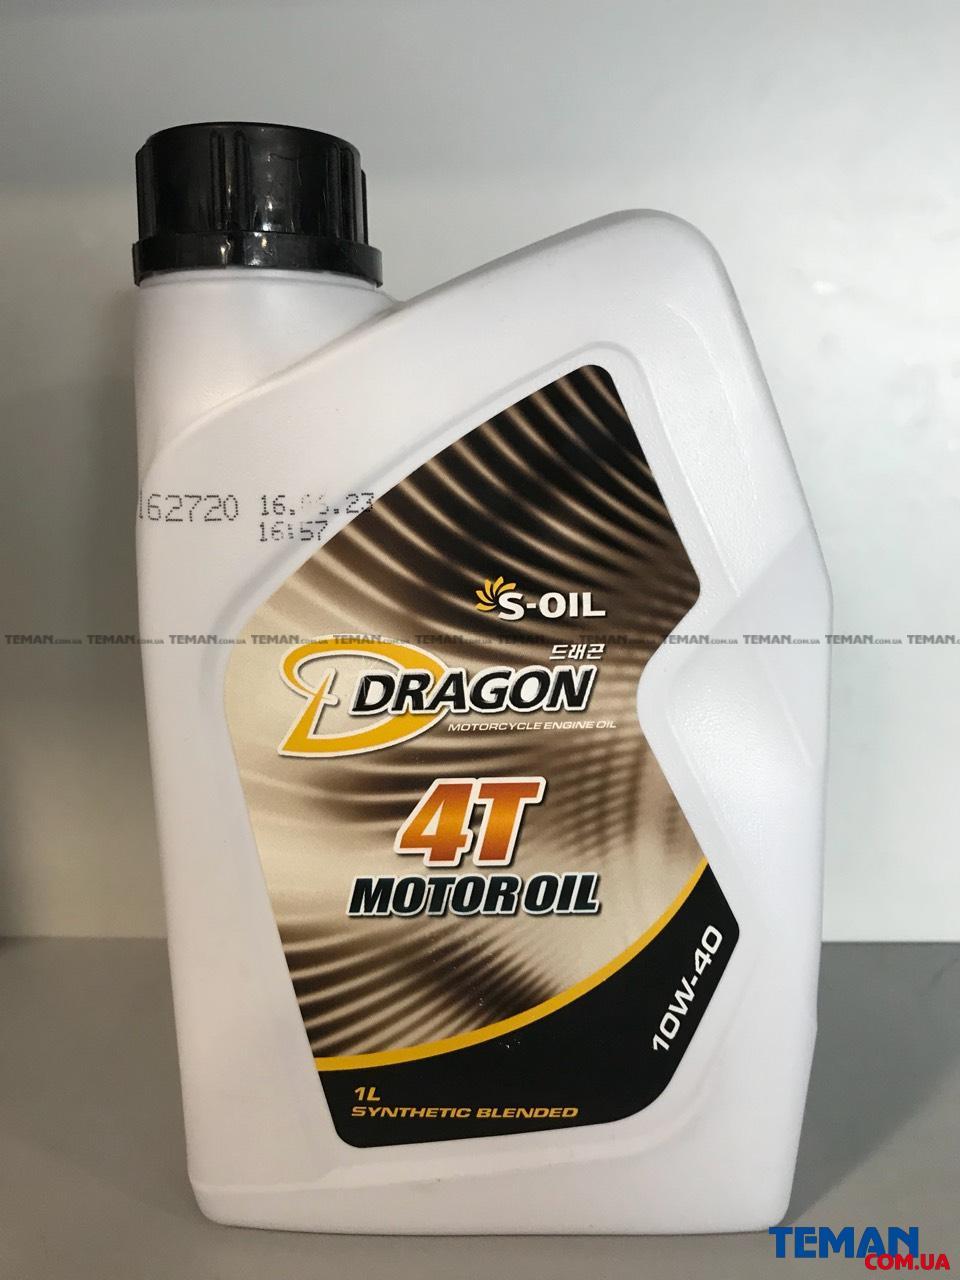 Моторное масло DRAGON 4T MOTOROIL 10W40  для 4-х тактных  двигателей, 1 л